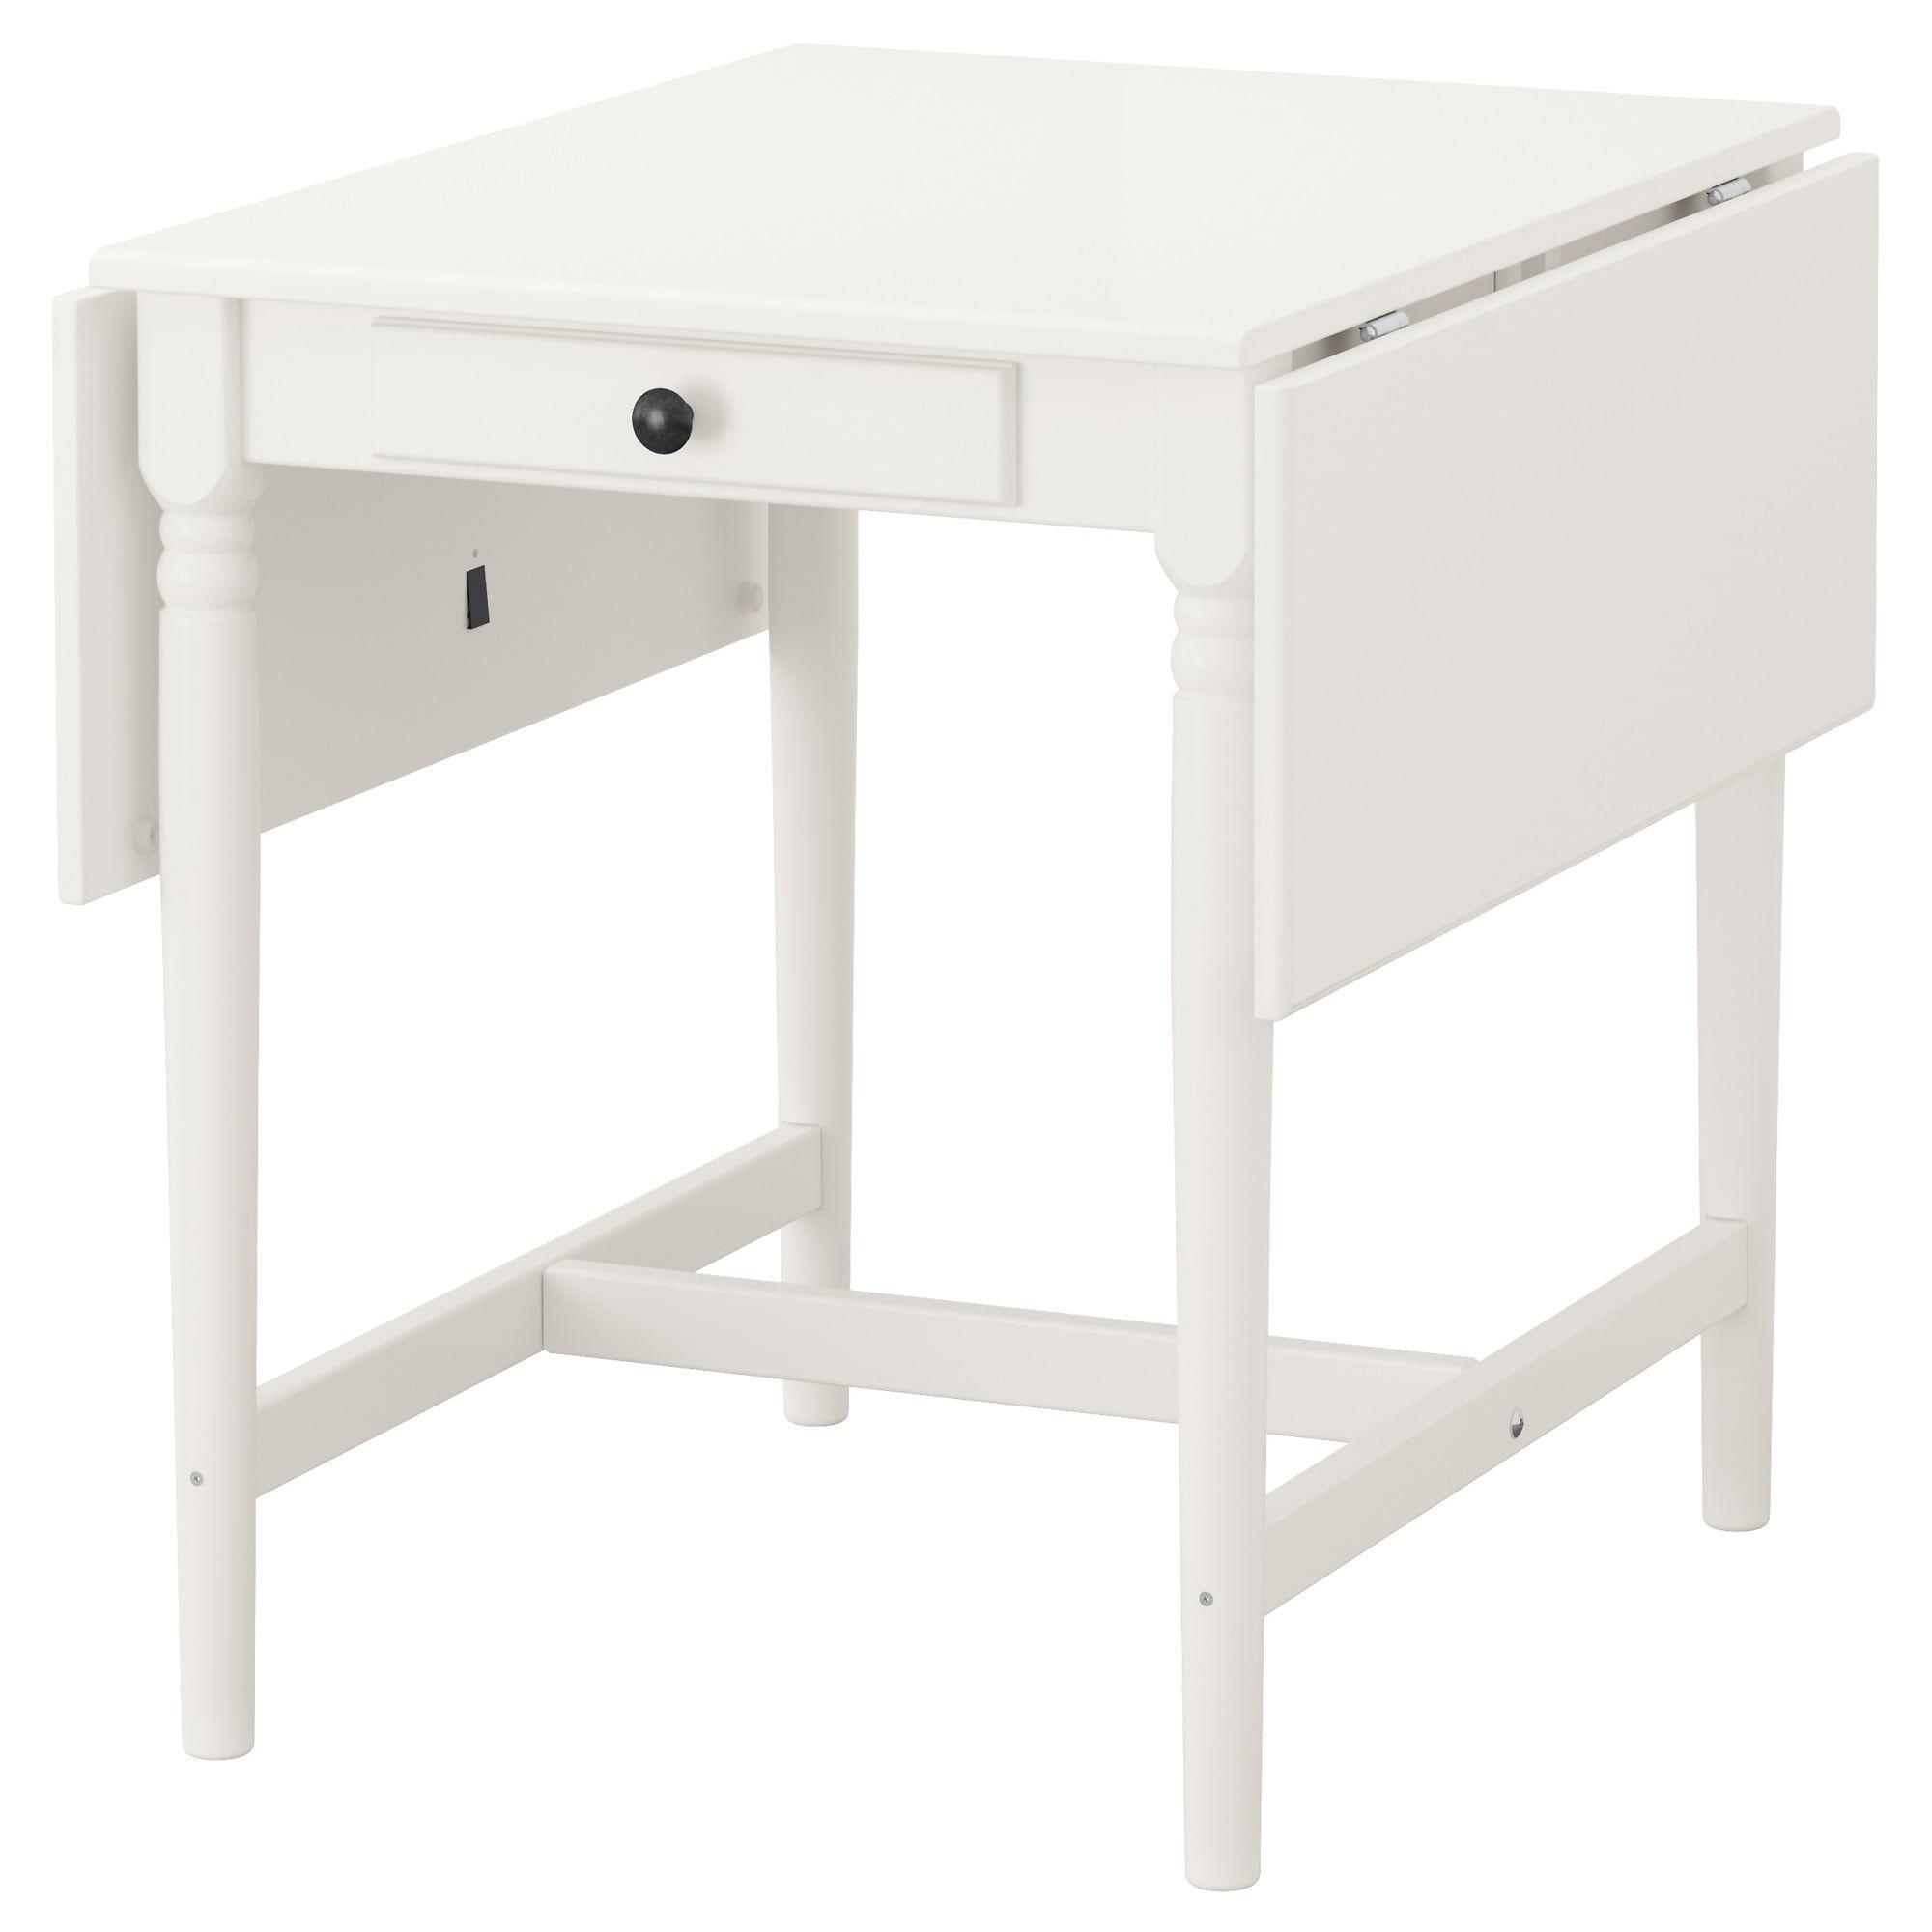 Ikea Ingatorp Klapptisch.Ingatorp Klapptisch Weiß Fotos In 2019 Drop Leaf Table